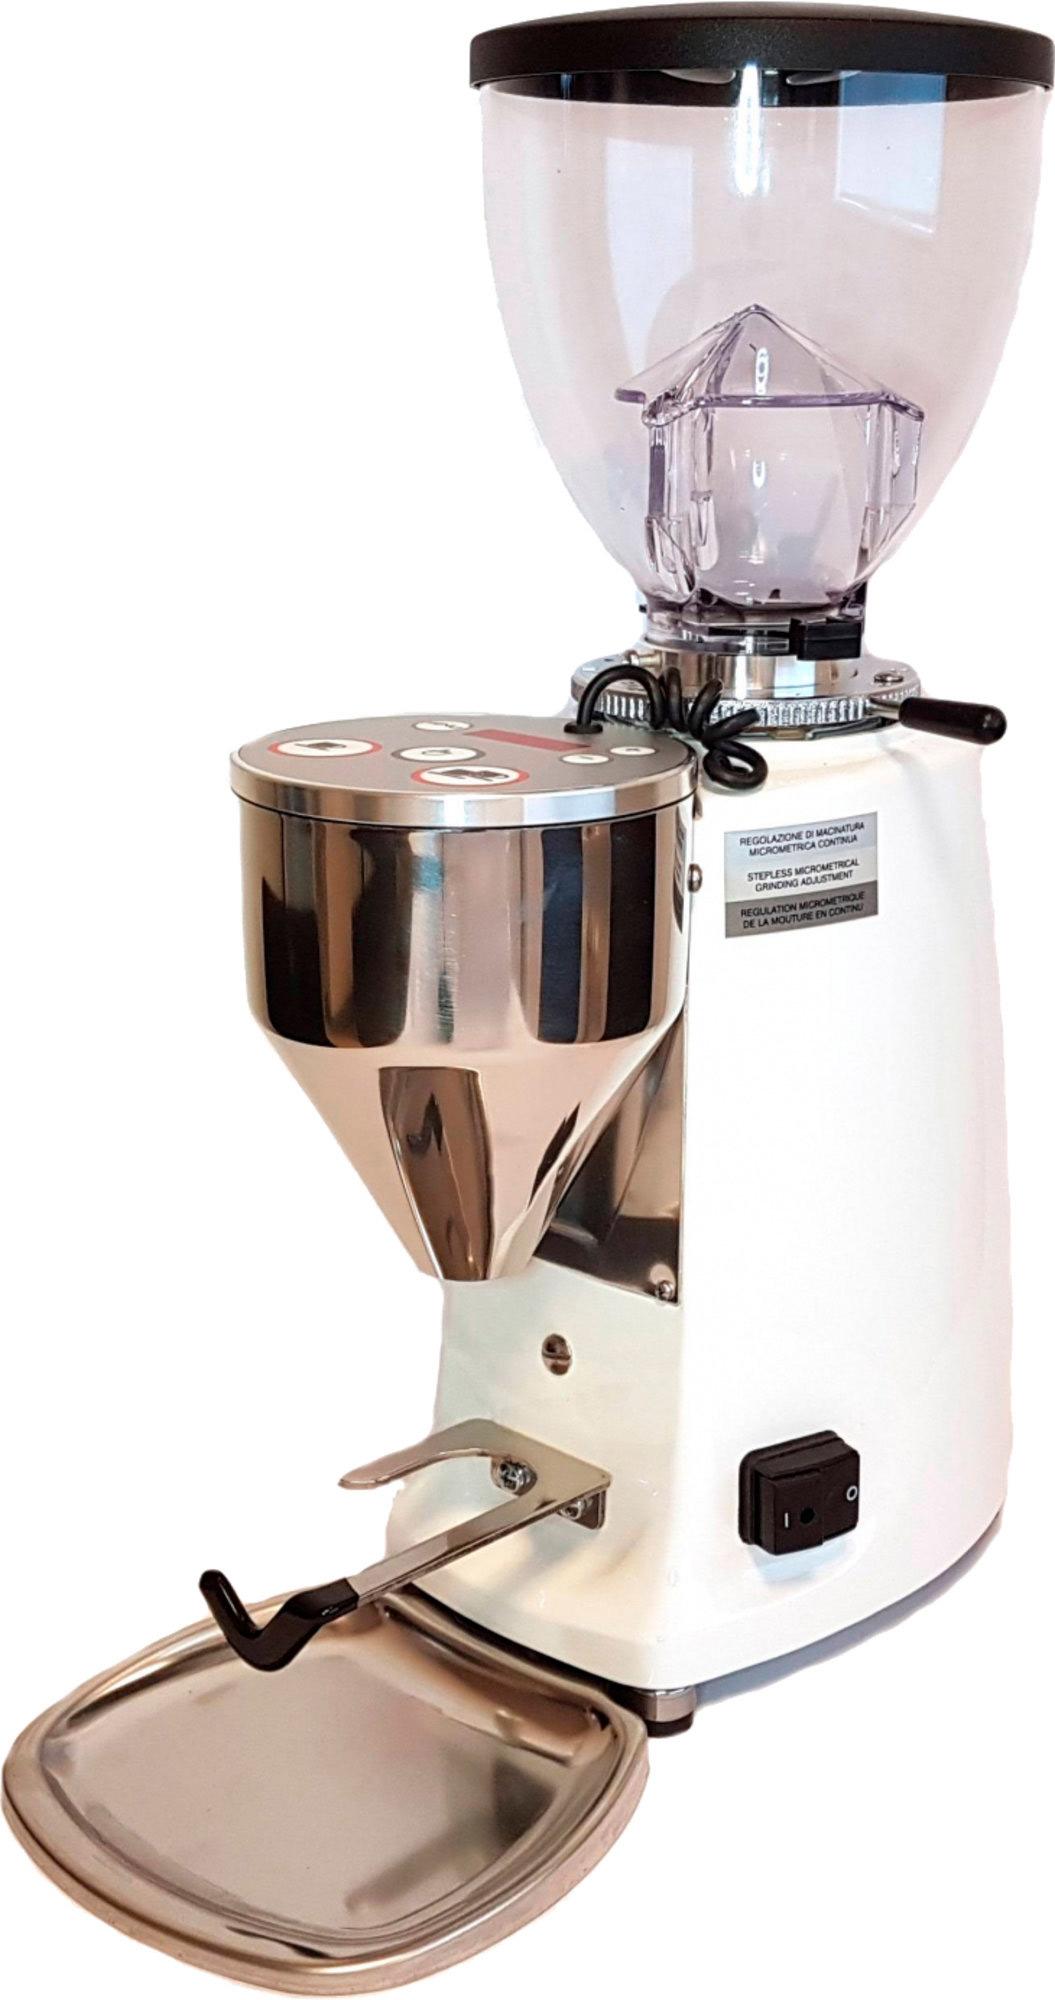 Kaffebryggare på nätet